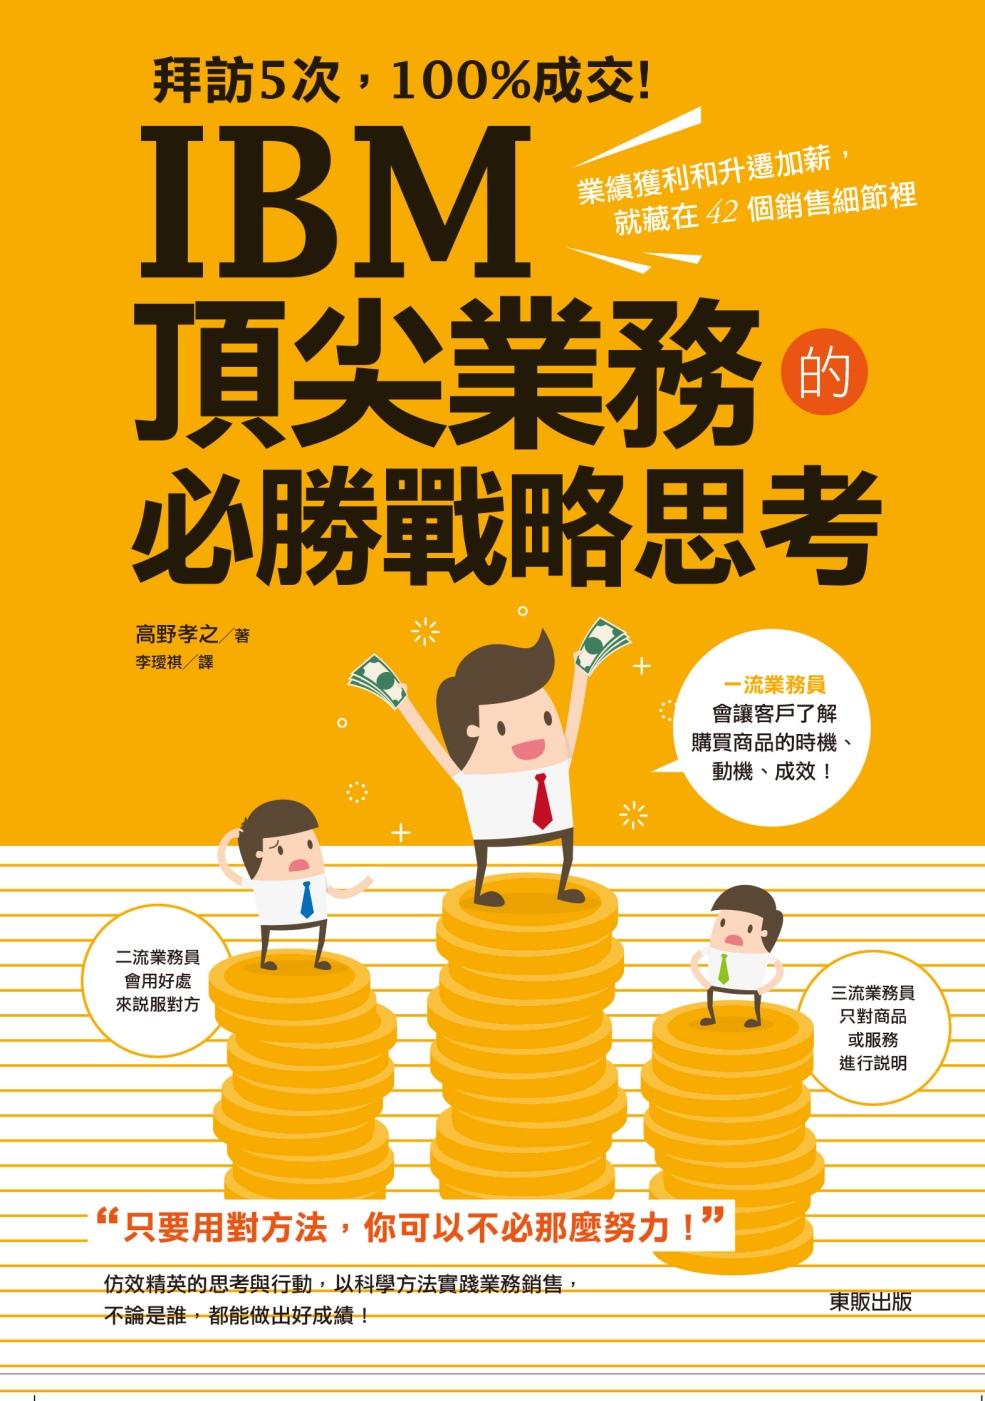 ◤博客來BOOKS◢ 暢銷書榜《推薦》拜訪5次,100%成交!IBM頂尖業務的必勝戰略思考:業績獲利和升遷加薪,就藏在42個銷售細節裡